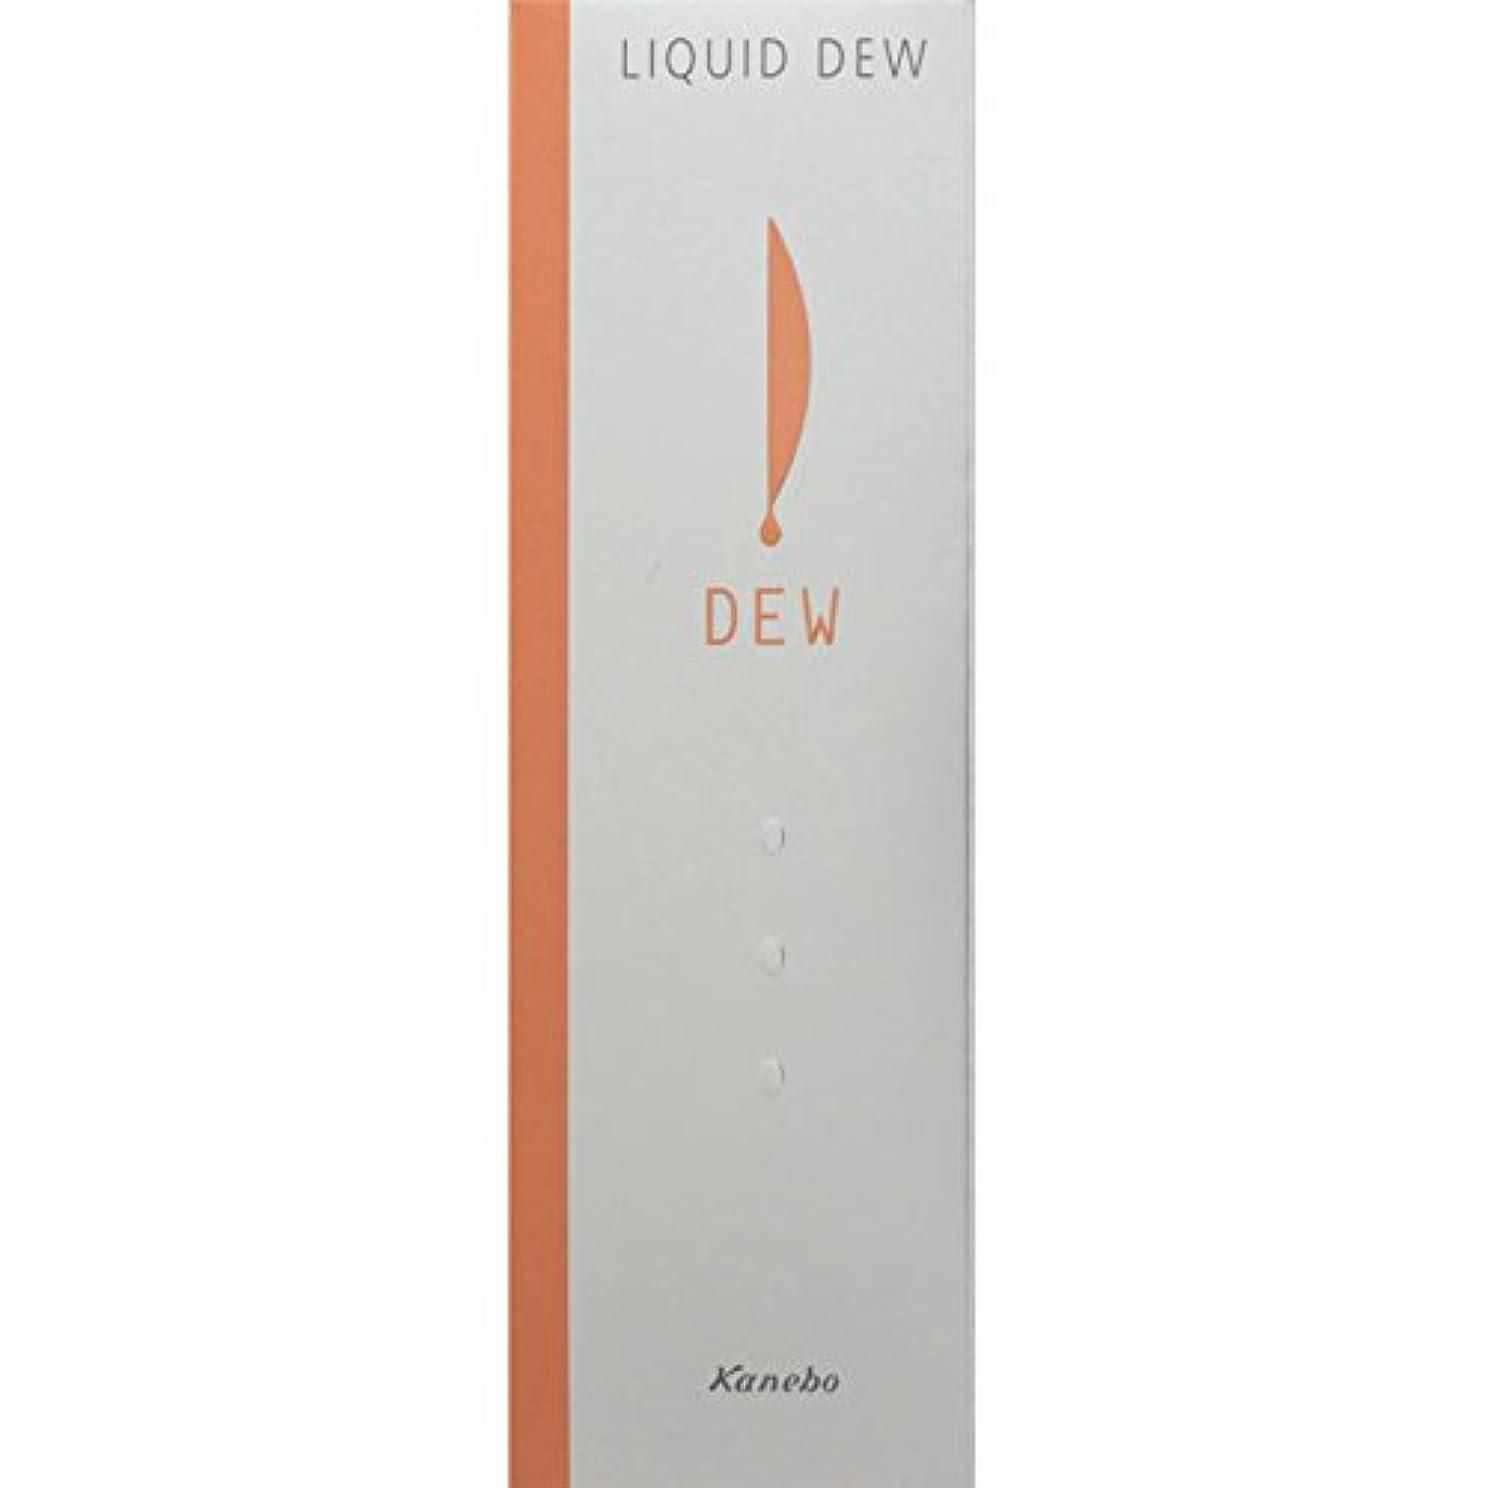 彫るお金ゴムしっかりカネボウ DEW リクイドデュウ【オークルB】(保湿液?ファンデーション